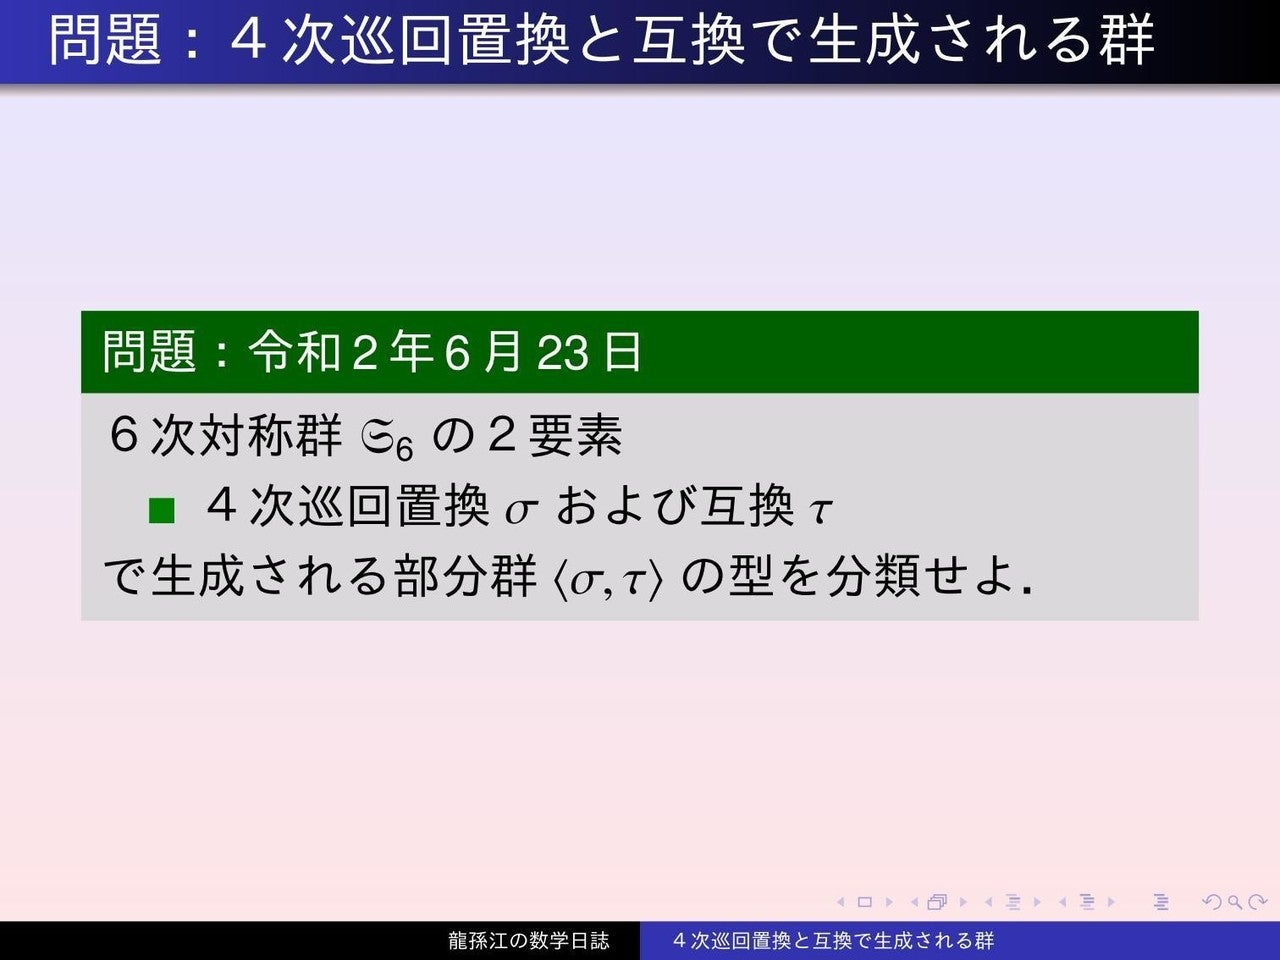 群論:4次巡回置換と互換で生成される群 龍孫江(りゅうそんこう)可 ...